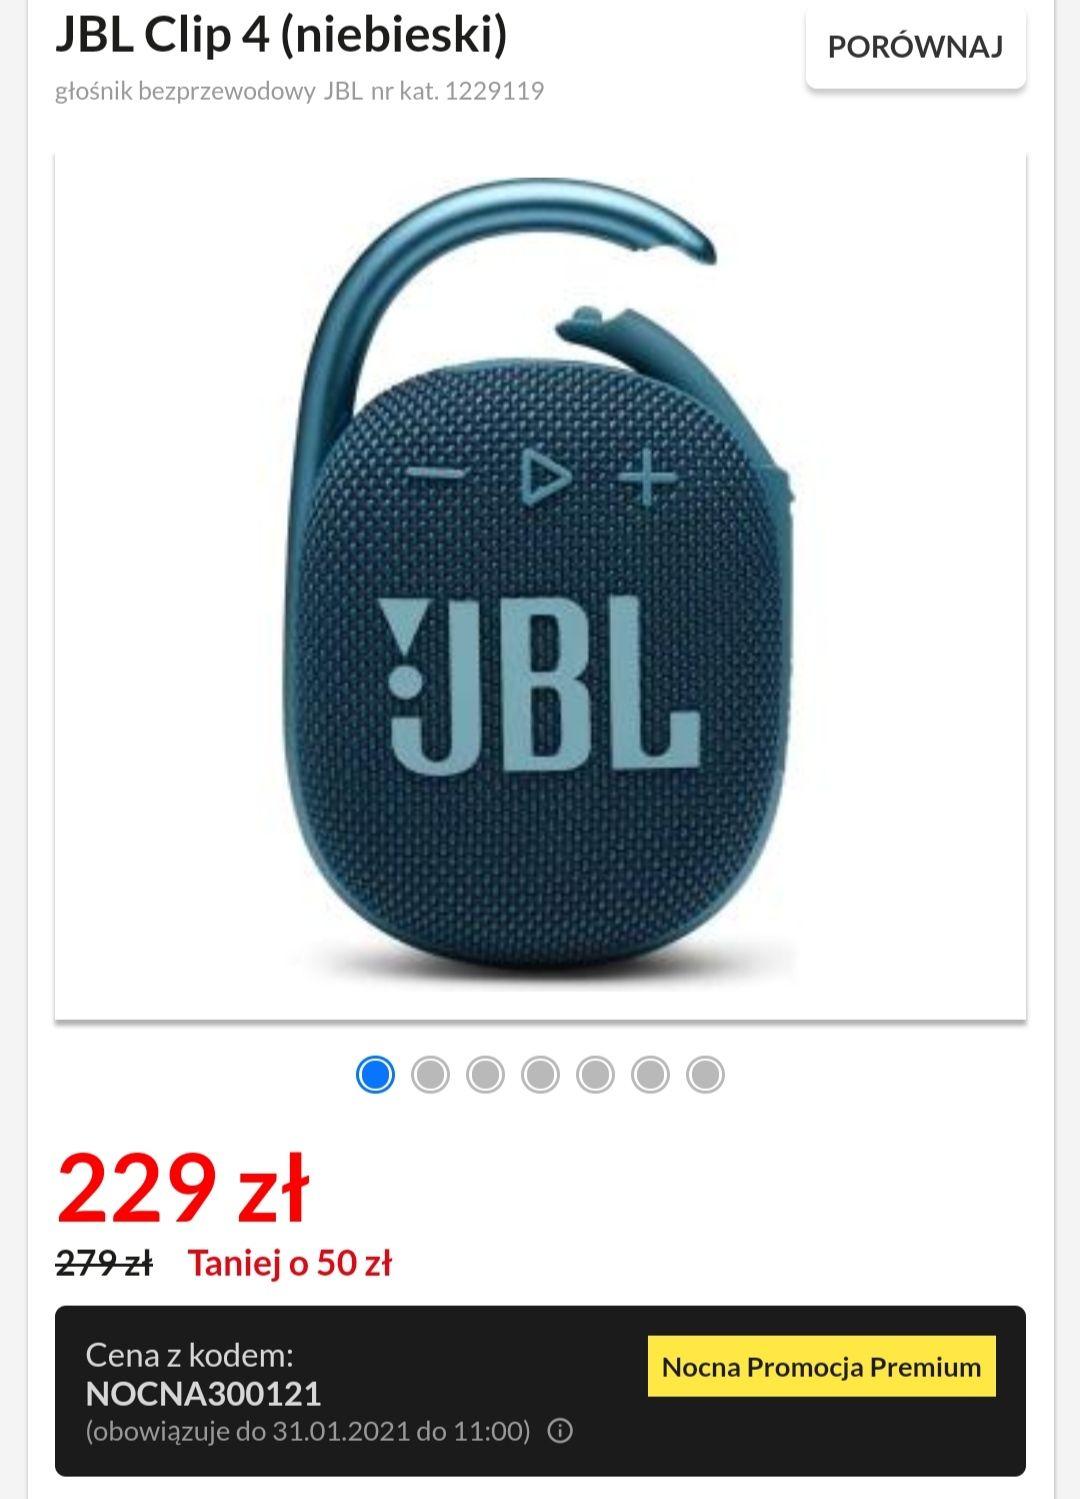 Głośnik bezprzewodowy JBL Clip 4 (niebieski)